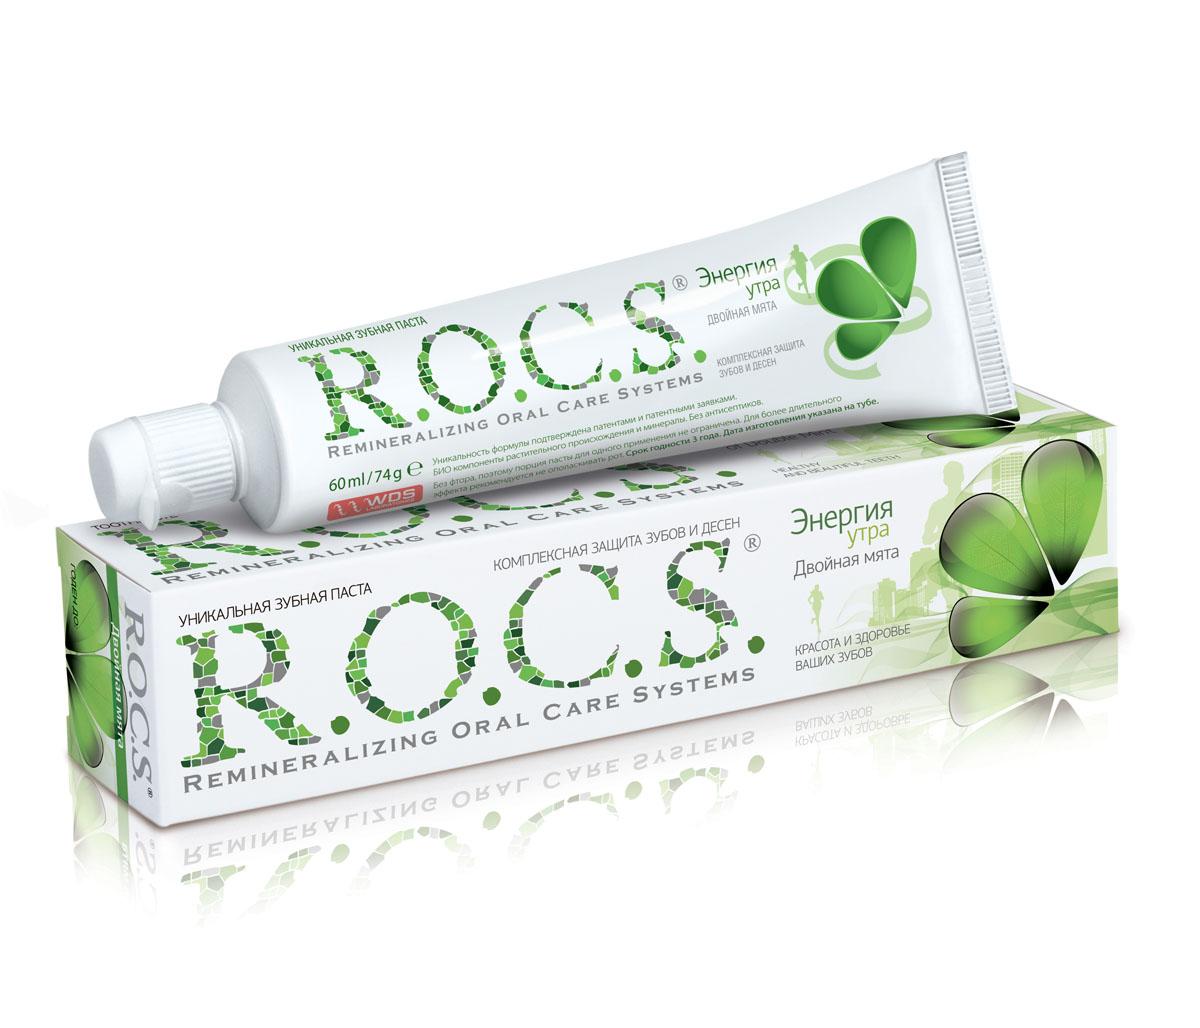 Зубная паста R.O.C.S. Двойная мята, 74 г32700025Уникальная зубная паста R.O.C.S. Двойная мята - комплексная защита зубов и десен. Значительное количество ингредиентов зубной пасты попадает в кровь через слизистую оболочку полости рта в момент чистки зубов. Вот почему так важно, чтобы паста была безопасной. Запатентованная формула R.O.C.S. содержи био-компоненты растительного происхождения, активность которых сохраняется благодаря применяемой низкотемпературной технологии приготовления зубной пасты.Высокая эффективность R.O.C.S. подтверждена клиническими исследованиями: Защищает от кариеса и нормализует состав микрофлоры полости рта;Возвращает белизну и блеск эмали за счет действия ферментативной системы в сочетании с минеральным комплексом;Устраняет кровоточивость и воспаление десен без применения антисептиков. Характеристики: Вес: 74 г. Производитель: Россия. Артикул: 70463. Товар сертифицирован.